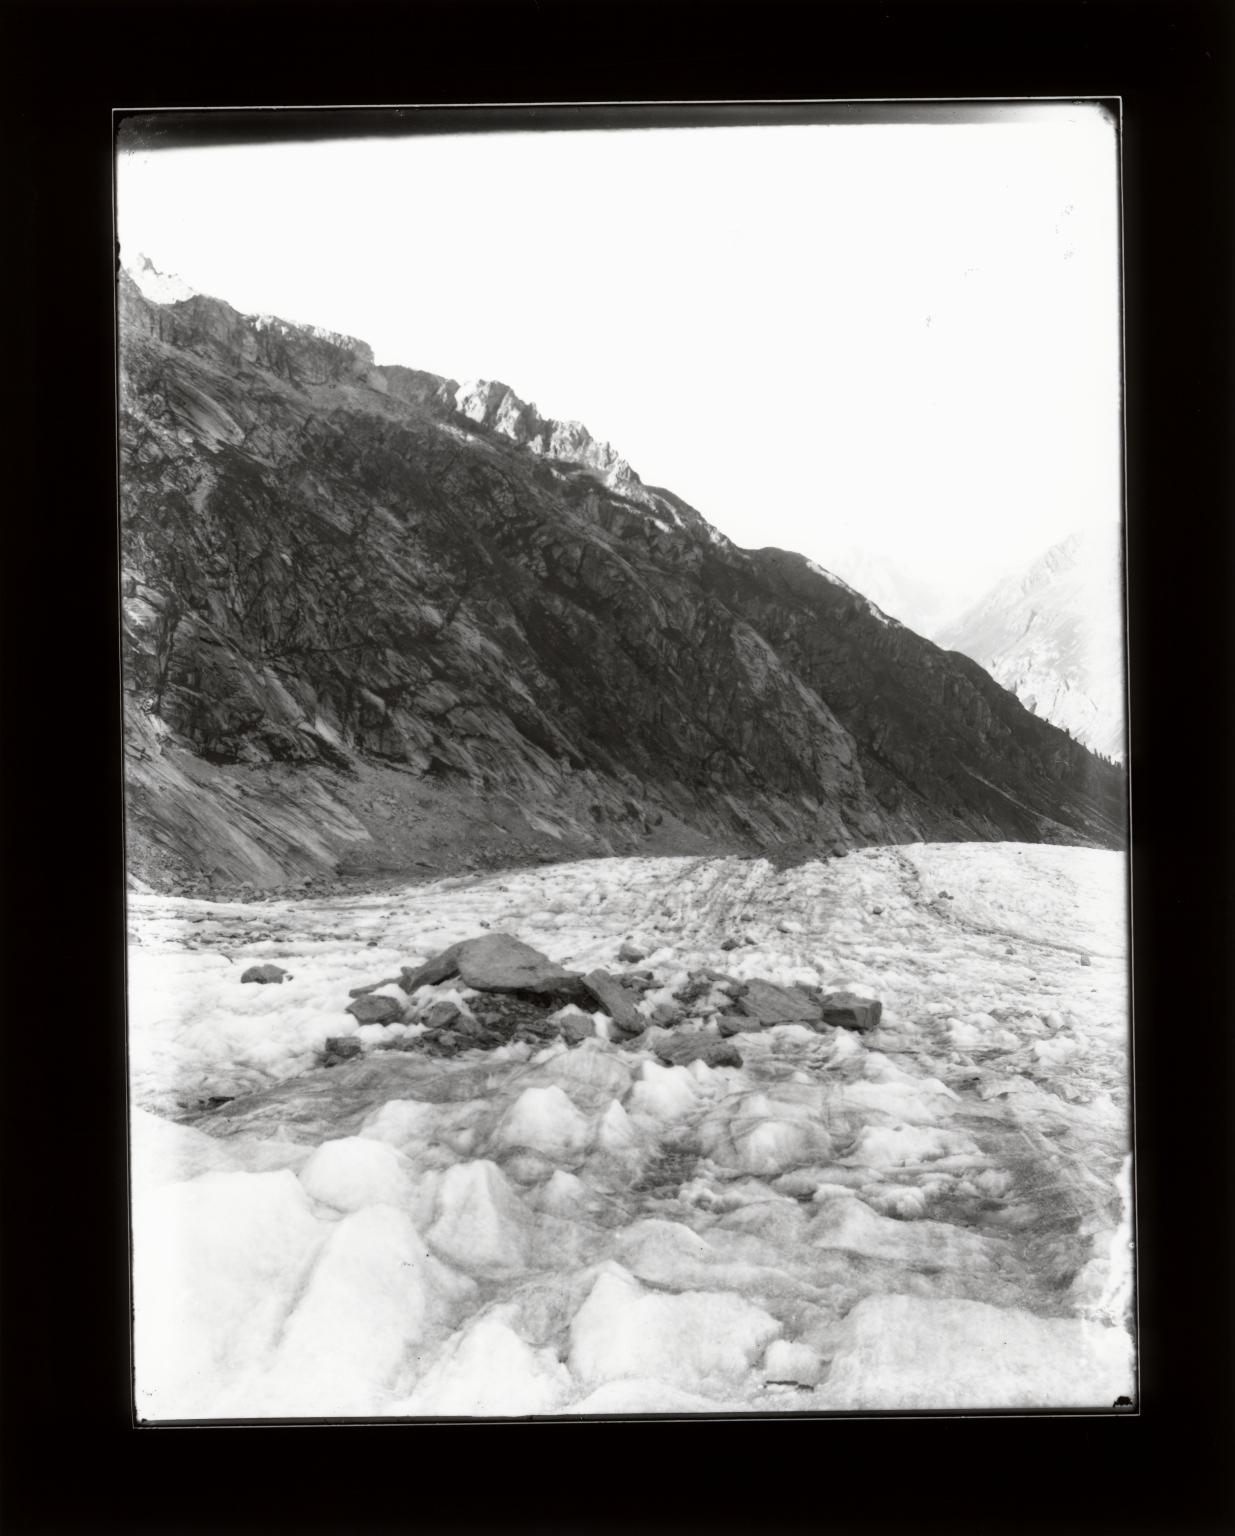 Forno Glacier, Graubünden, Switzerland